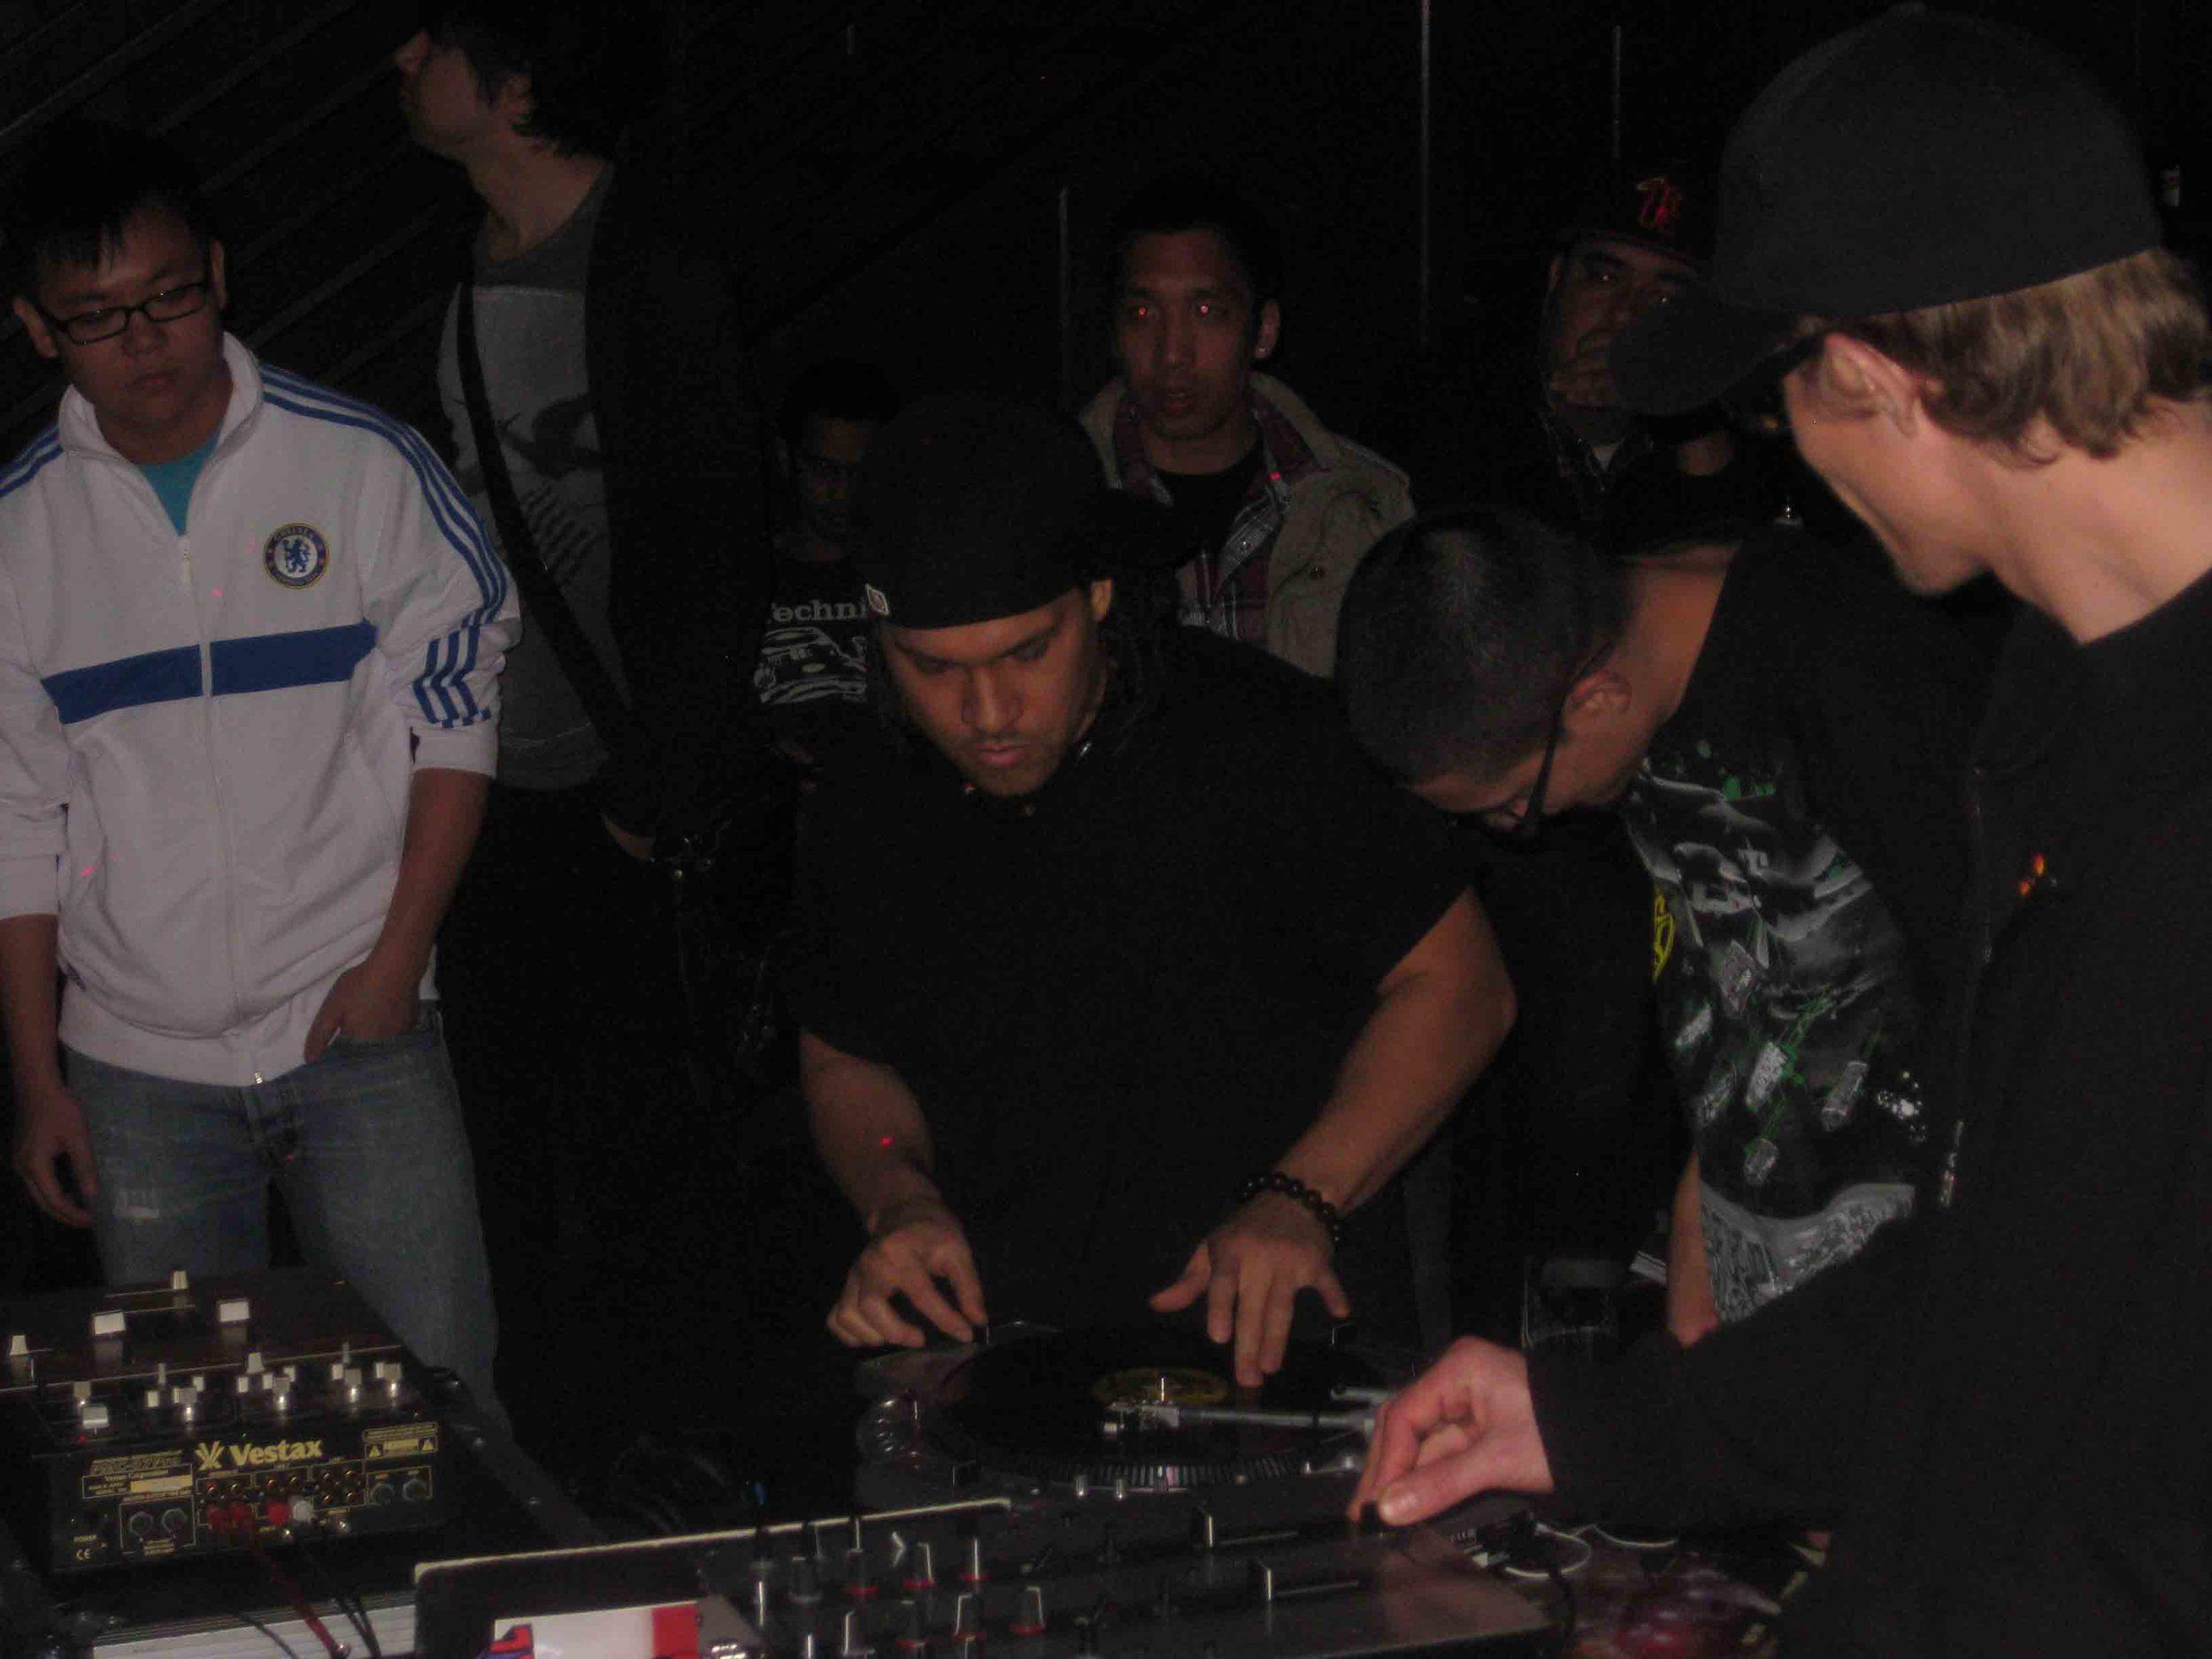 2011_07_07_Skratch Lounge (13).jpg